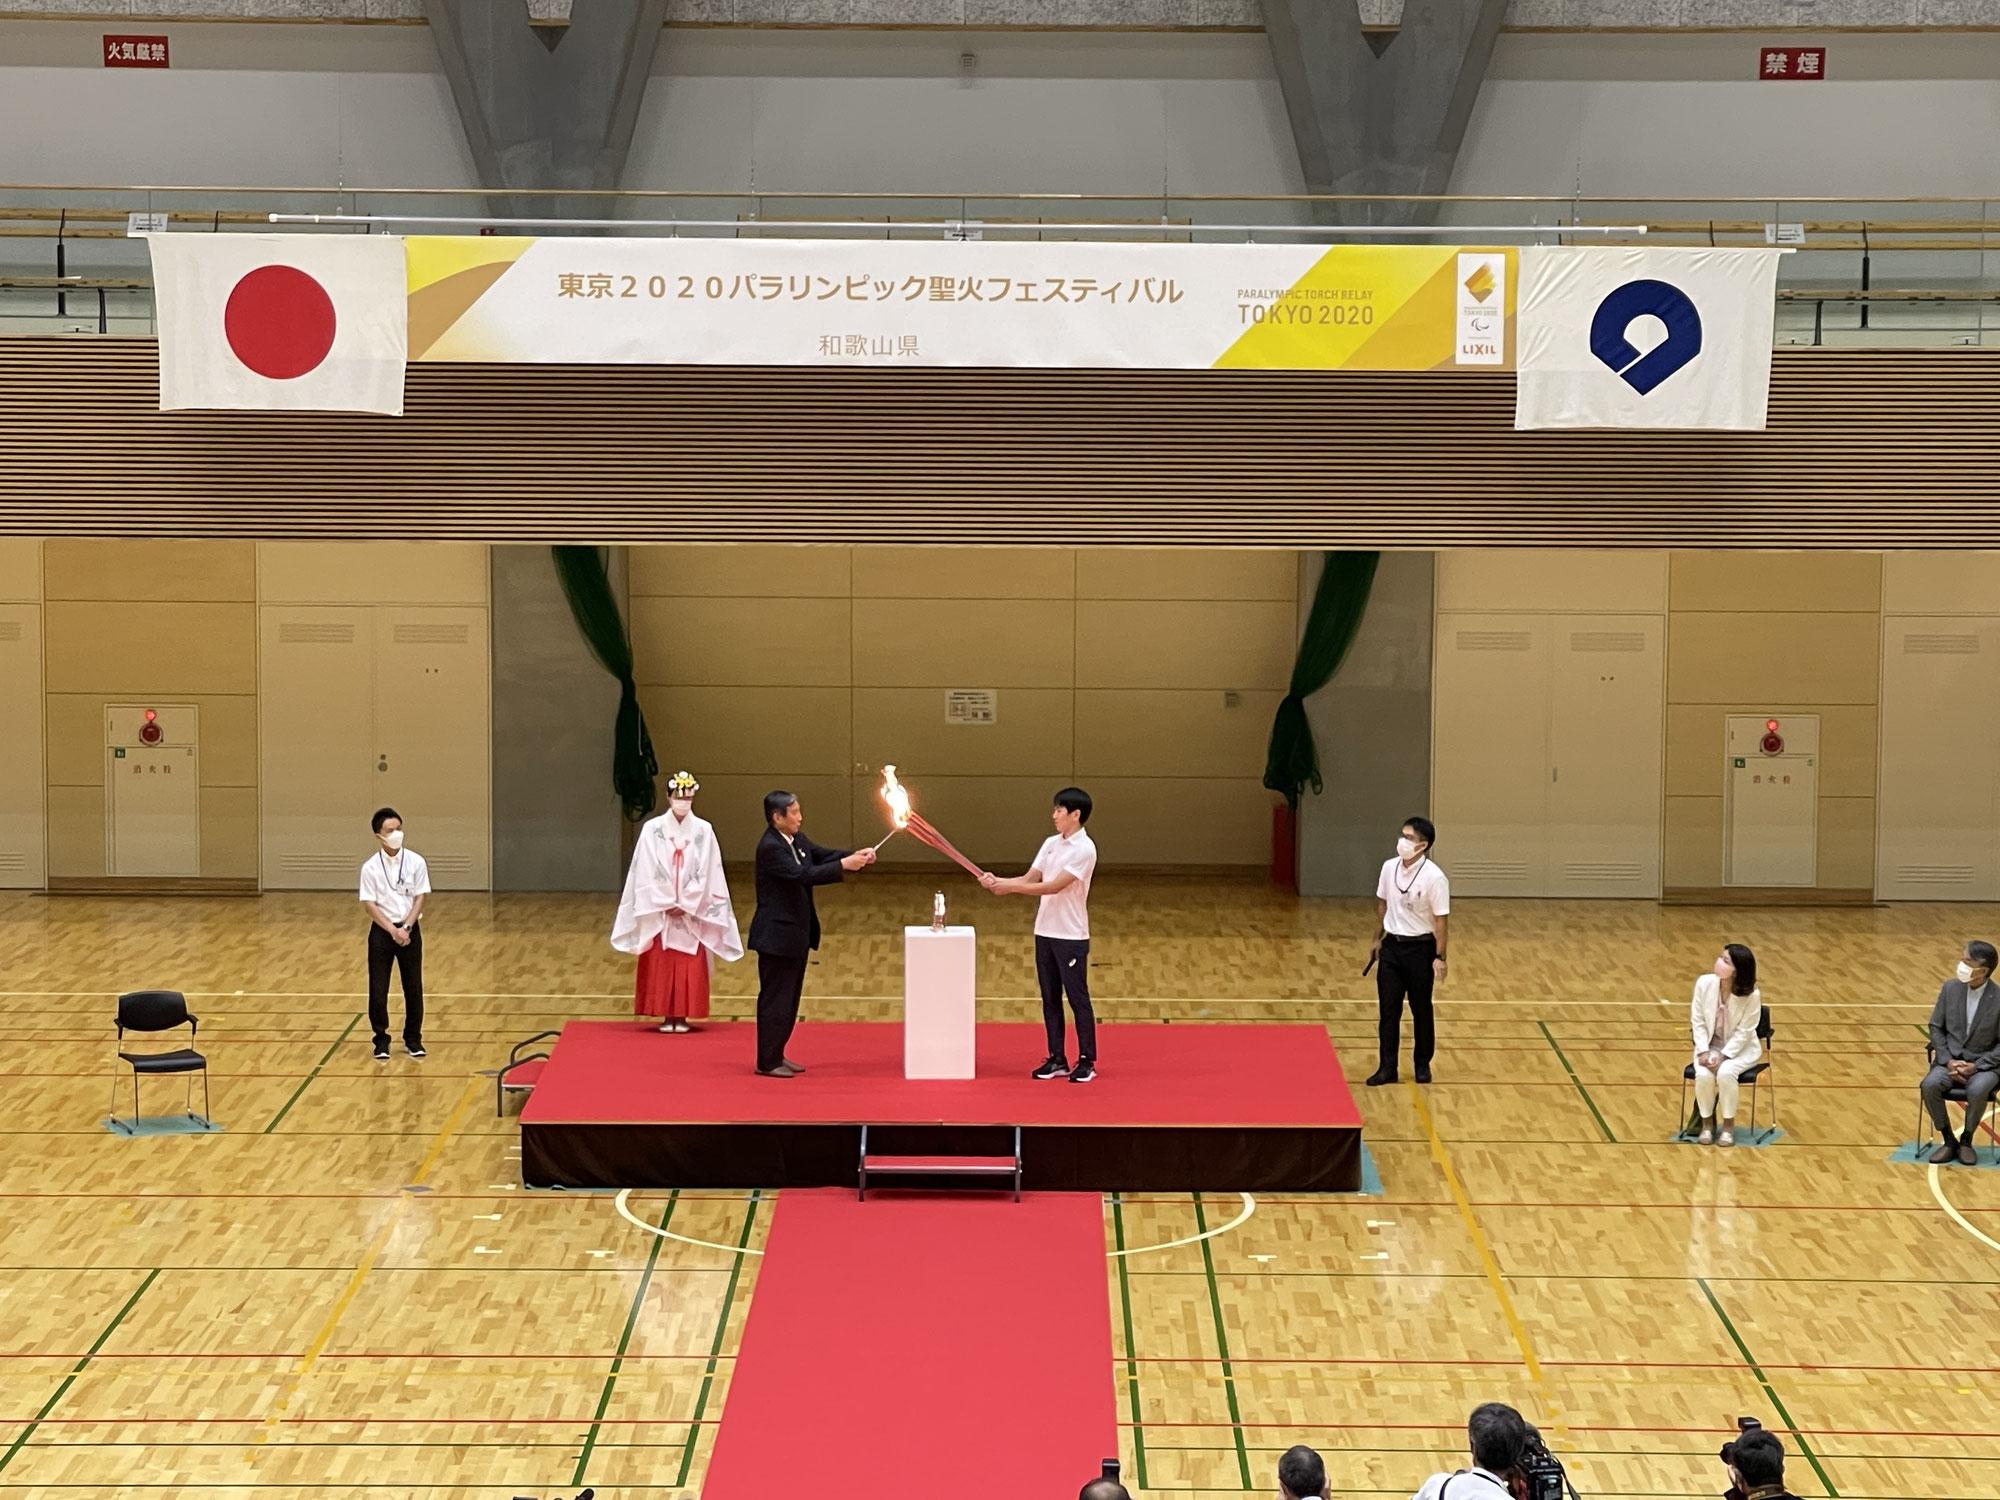 東京2020パラリンピック聖火フェスティバル